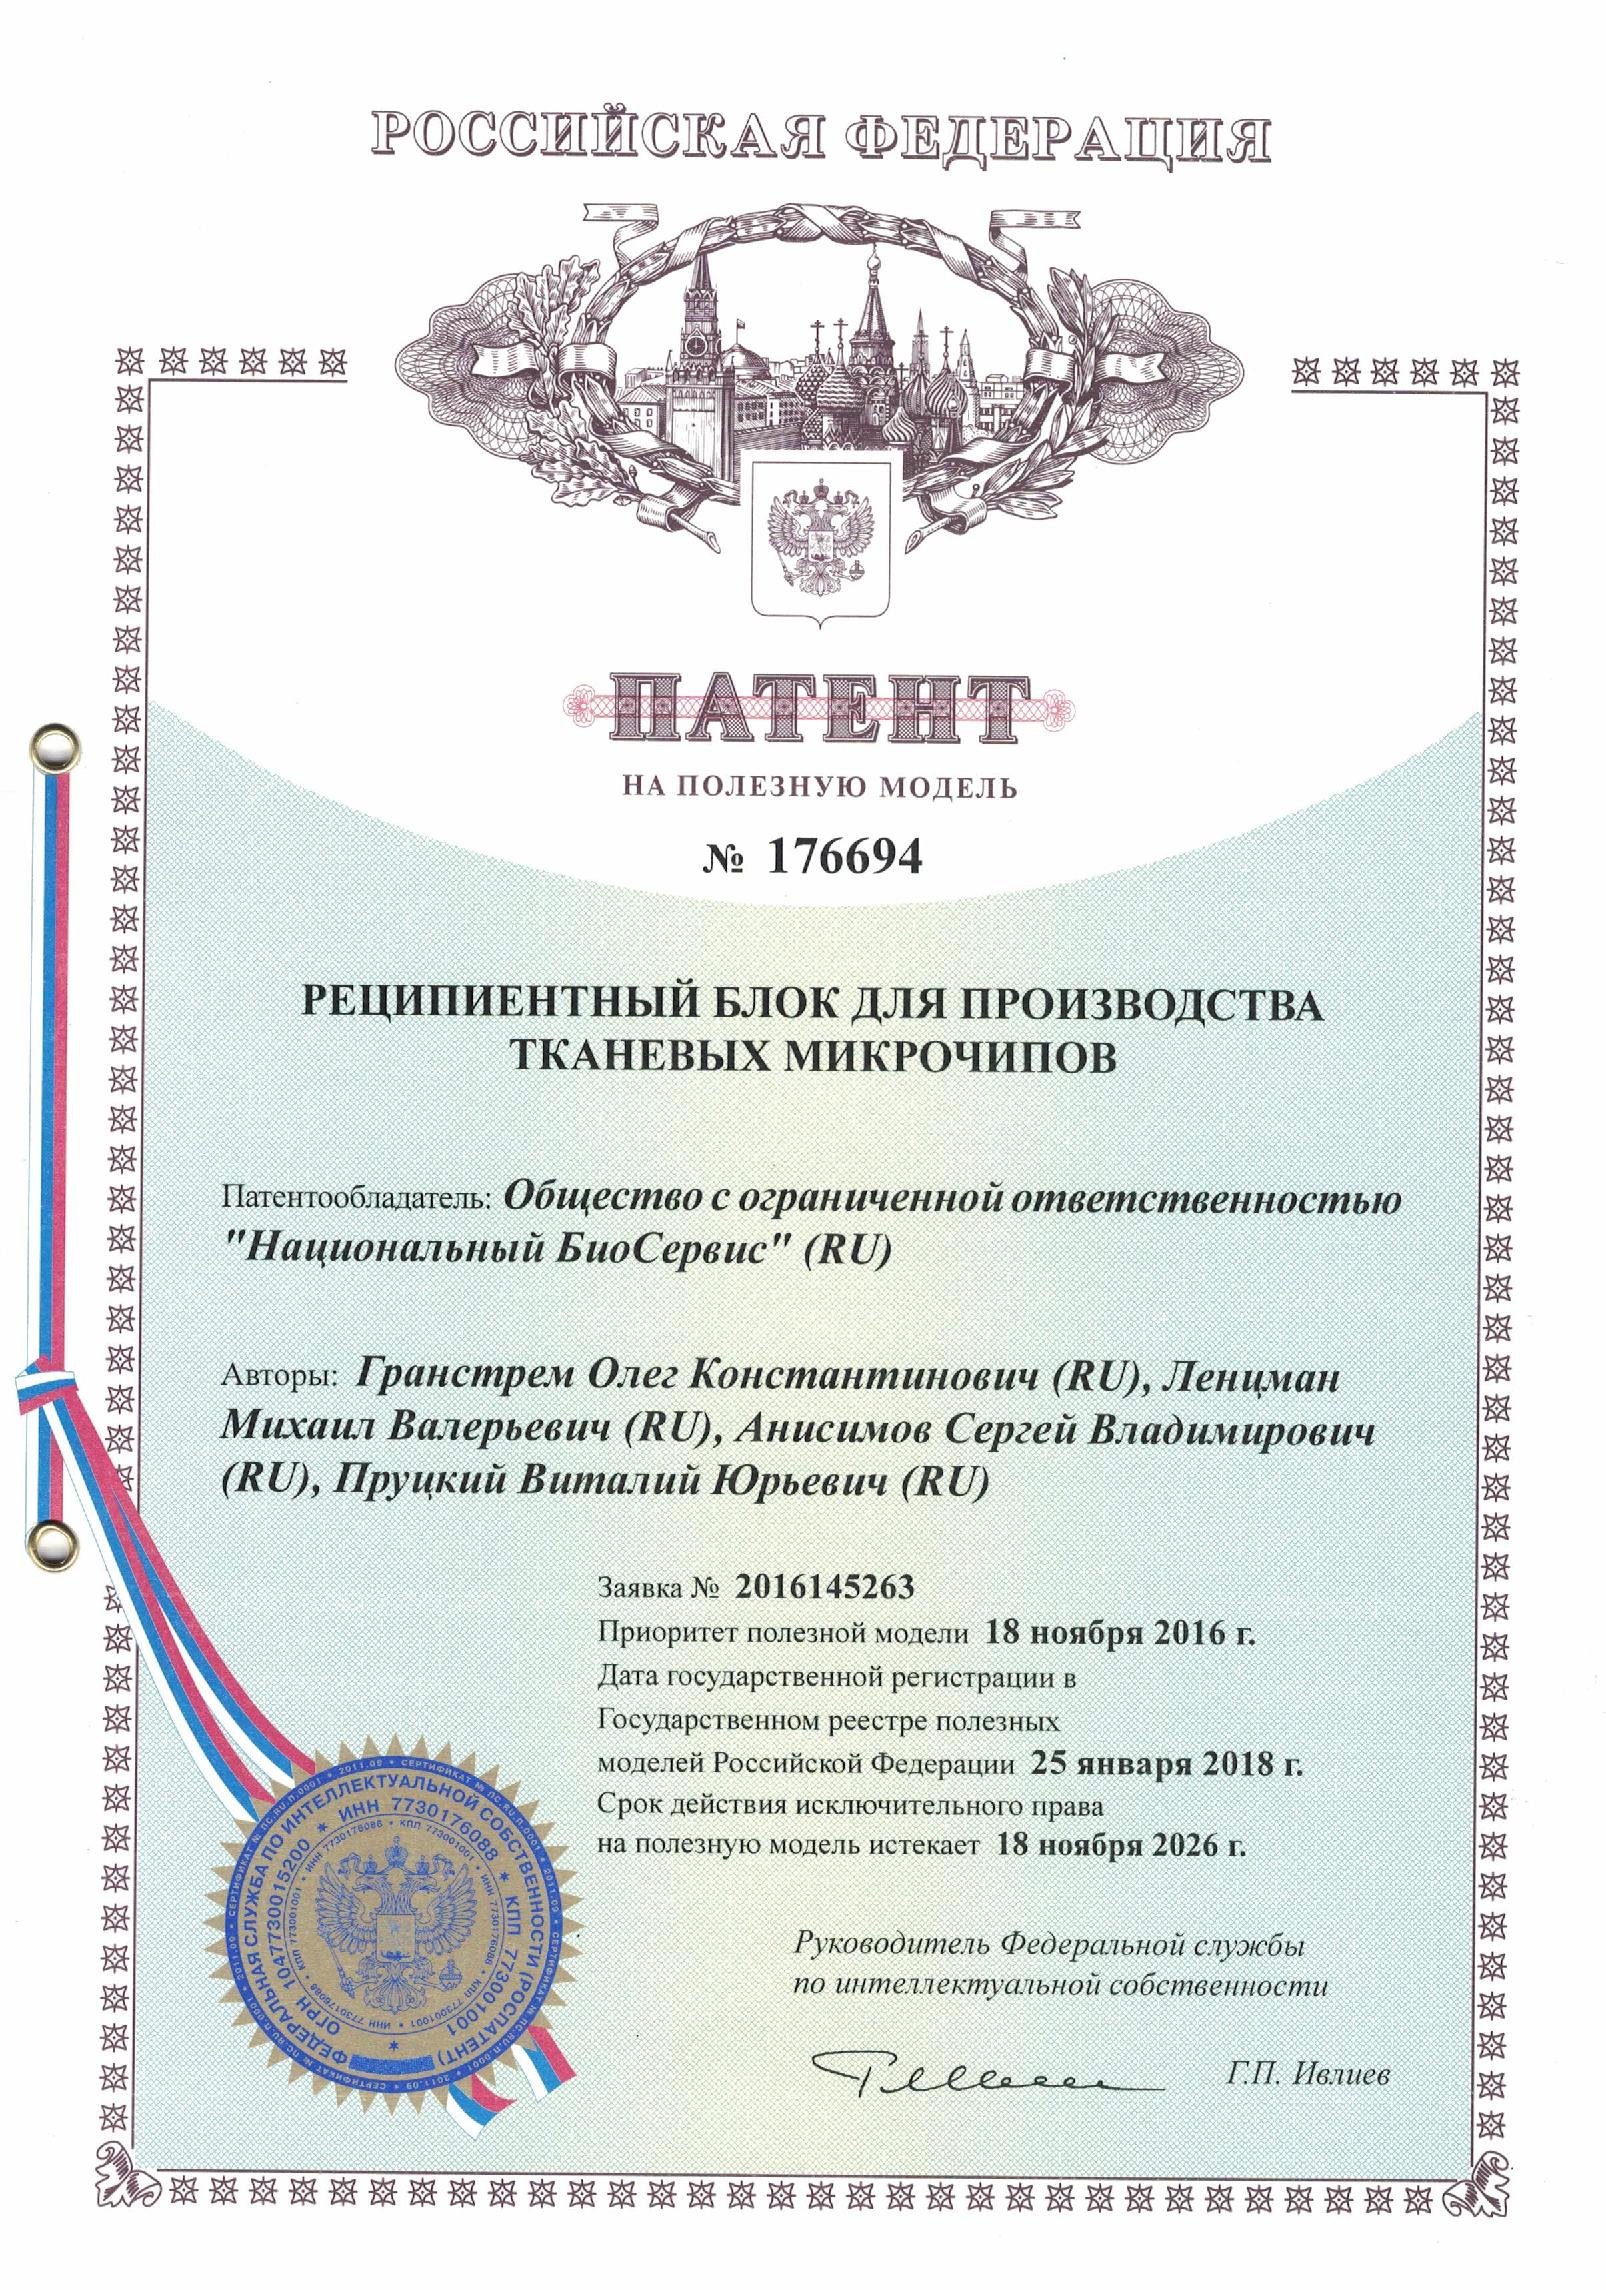 Патент-PФ-№176694